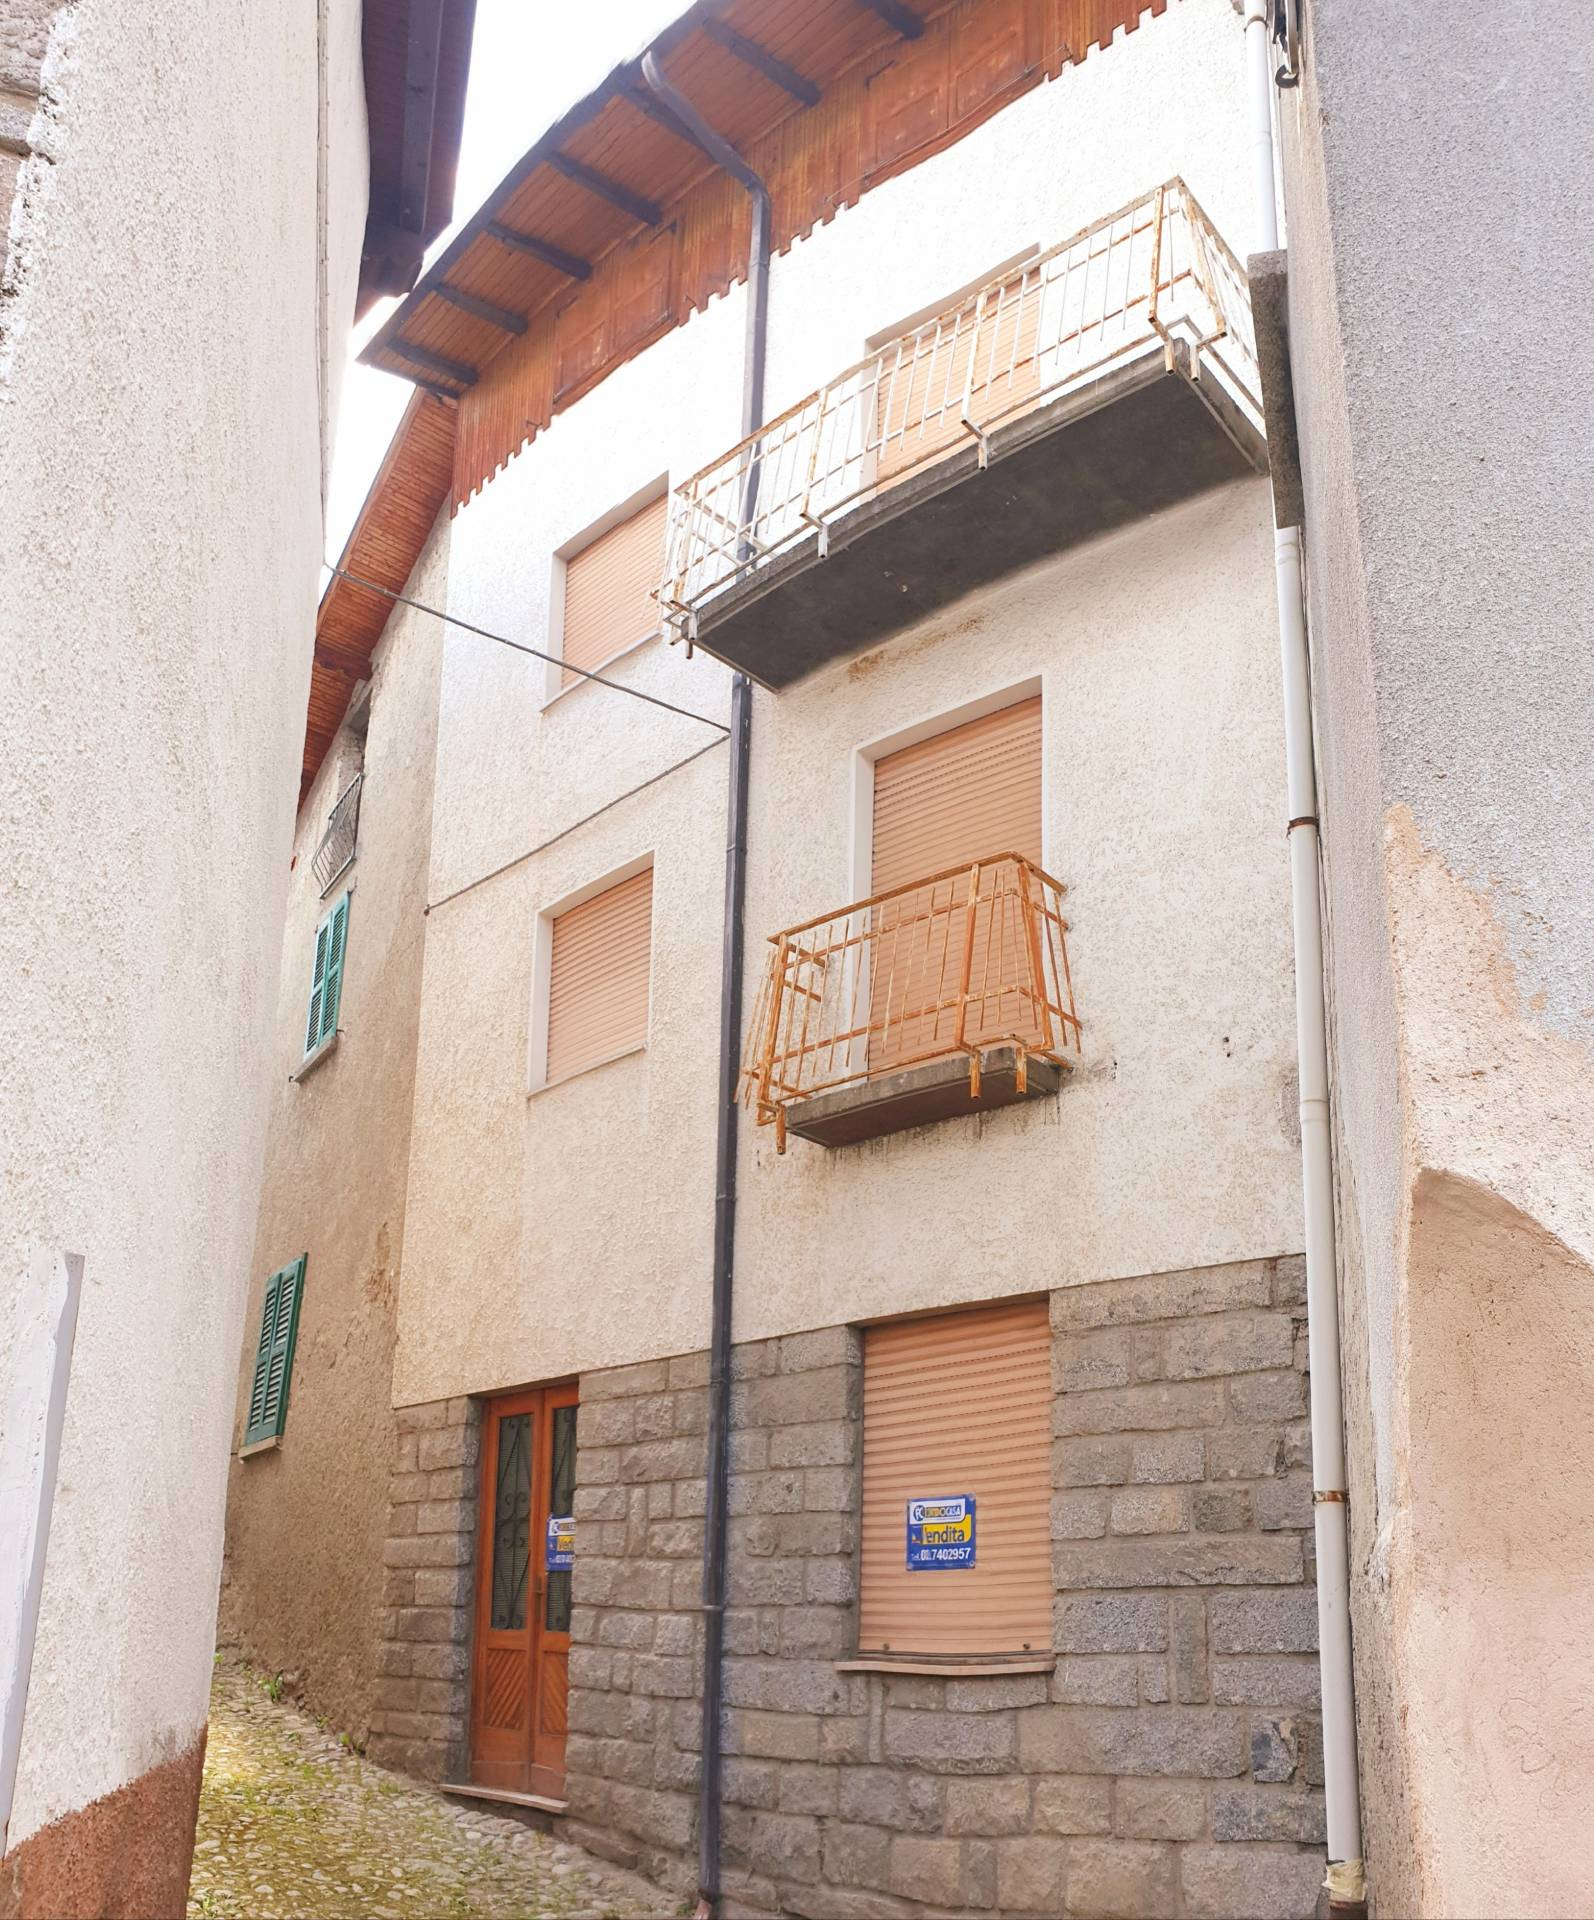 Appartamento in vendita a Vezza d'Oglio, 2 locali, prezzo € 58.000 | PortaleAgenzieImmobiliari.it